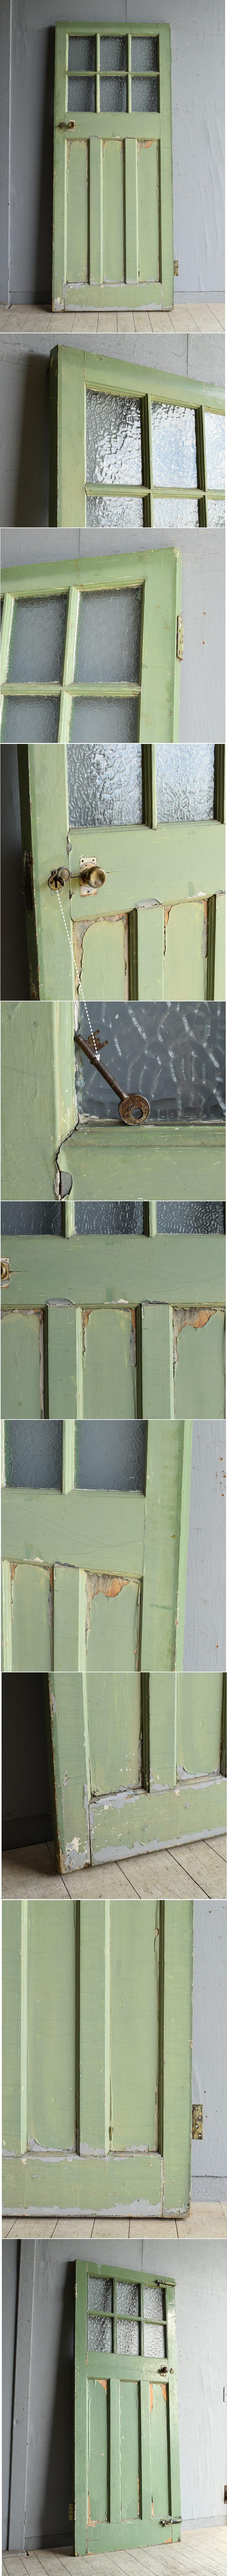 イギリス アンティーク ドア 扉 建具 8109